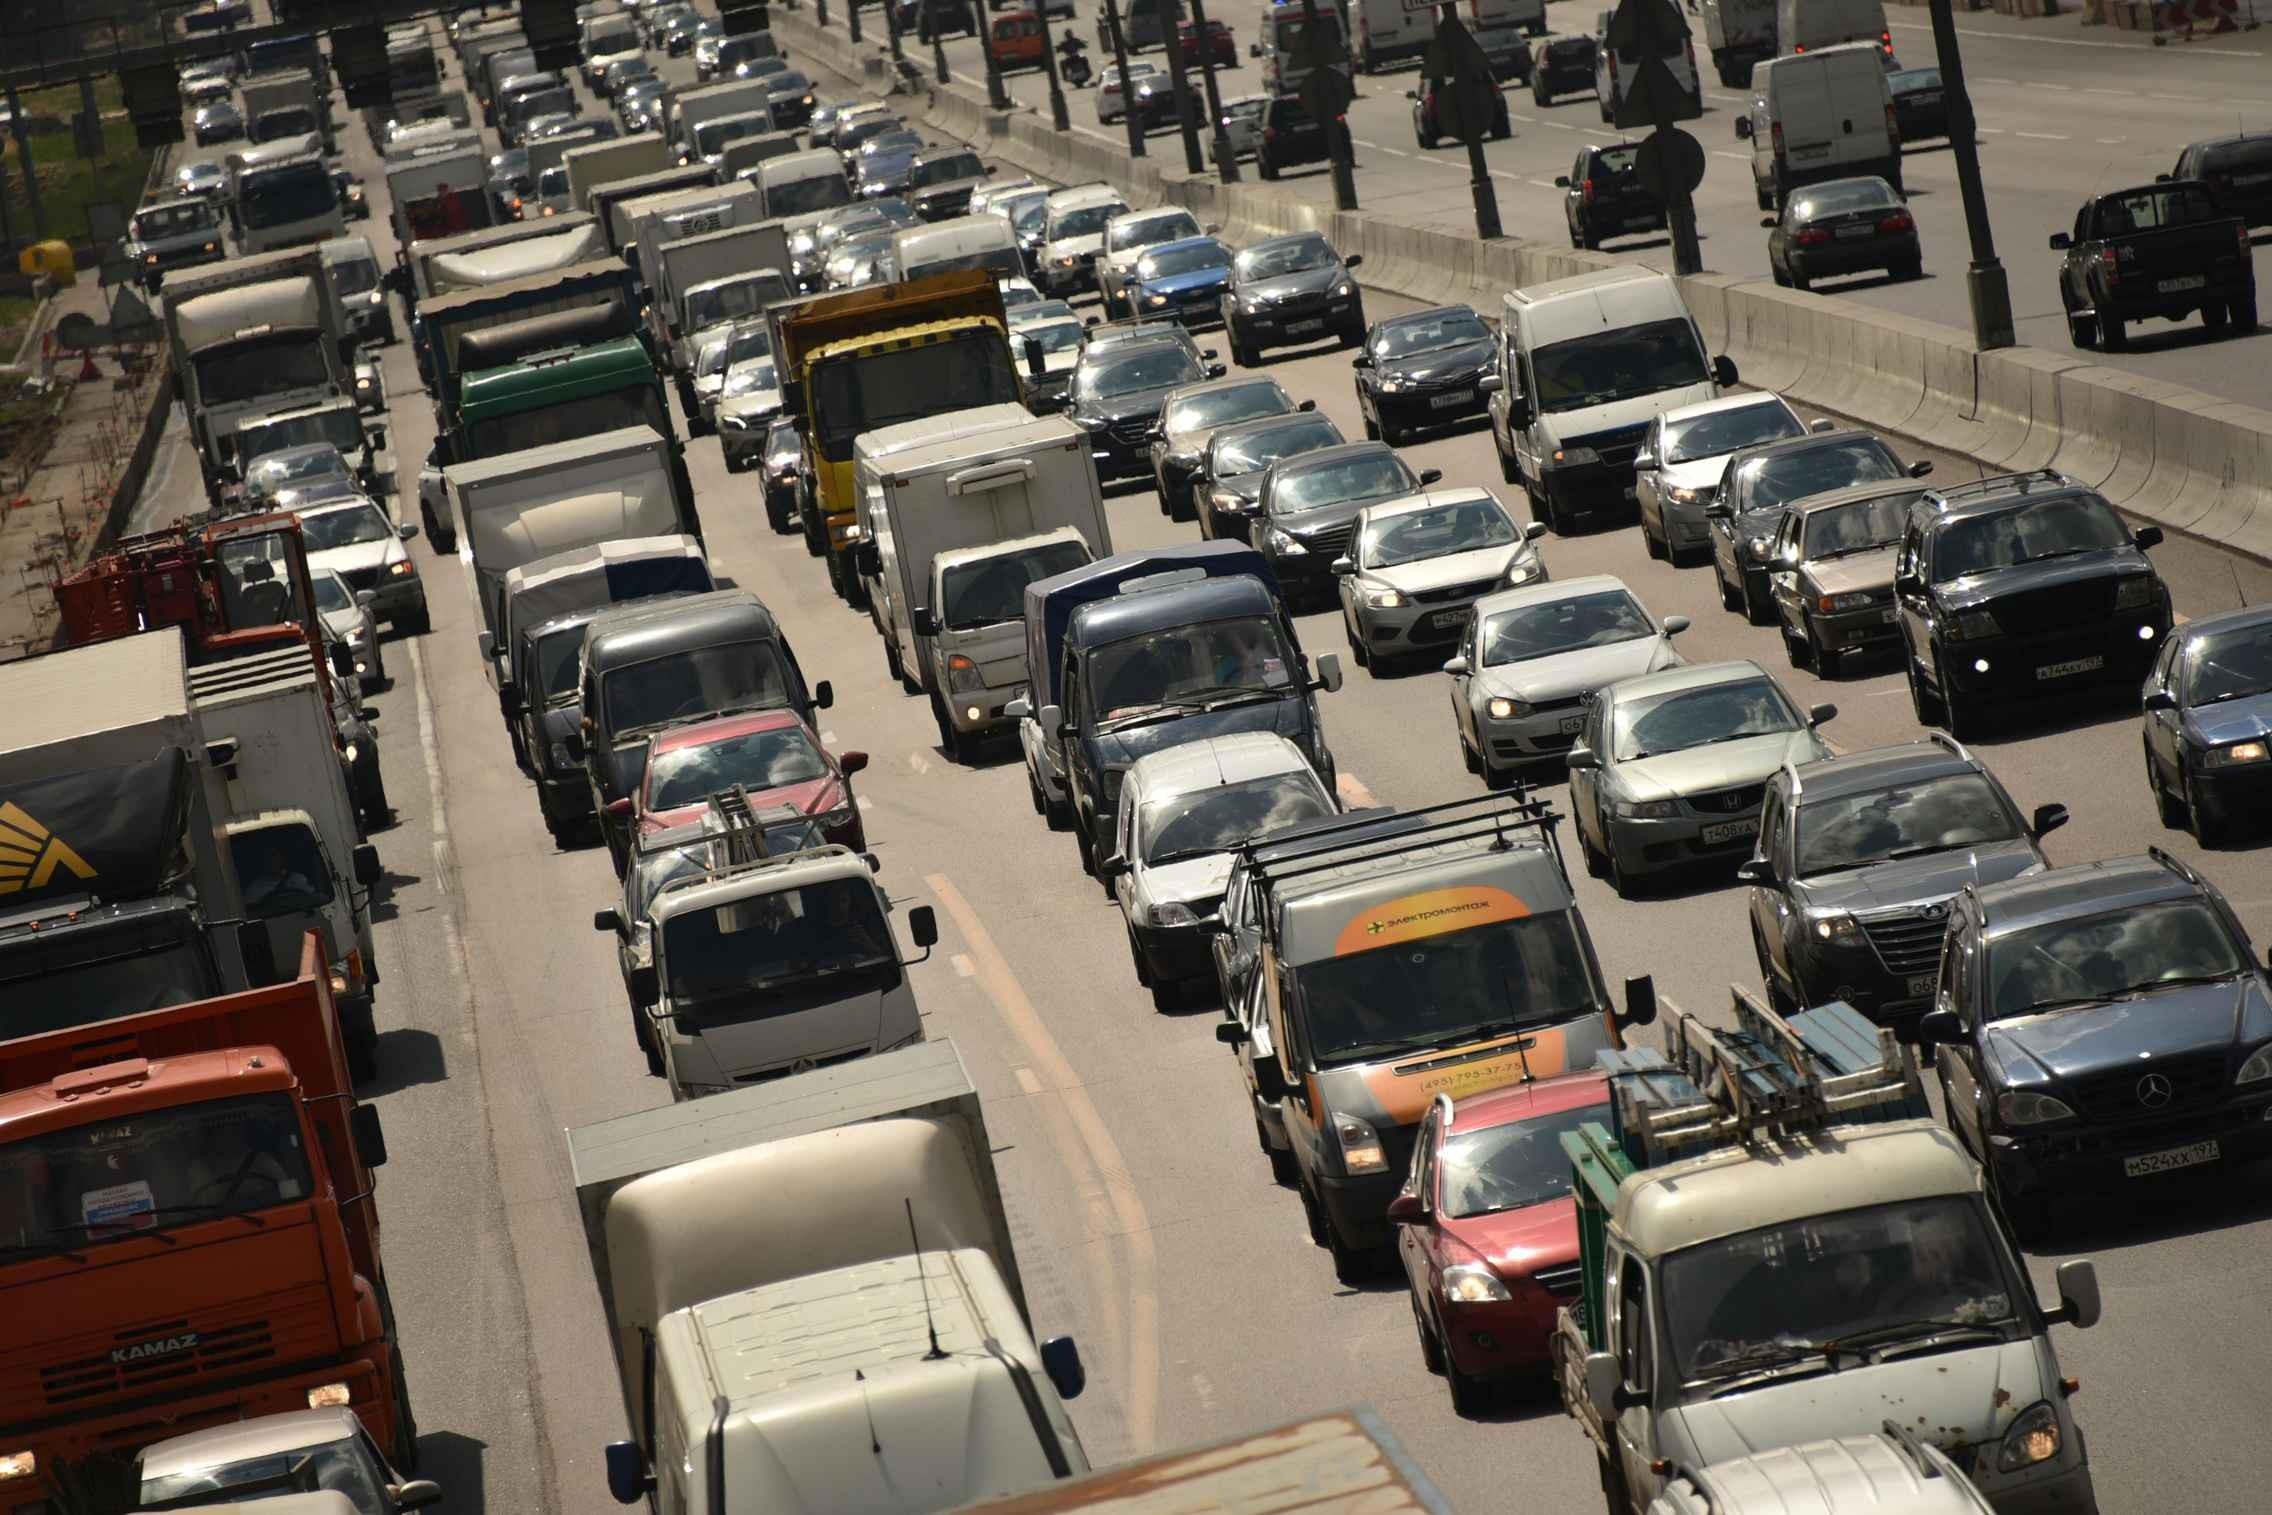 5 машин столкнулись вцентральной части Москвы